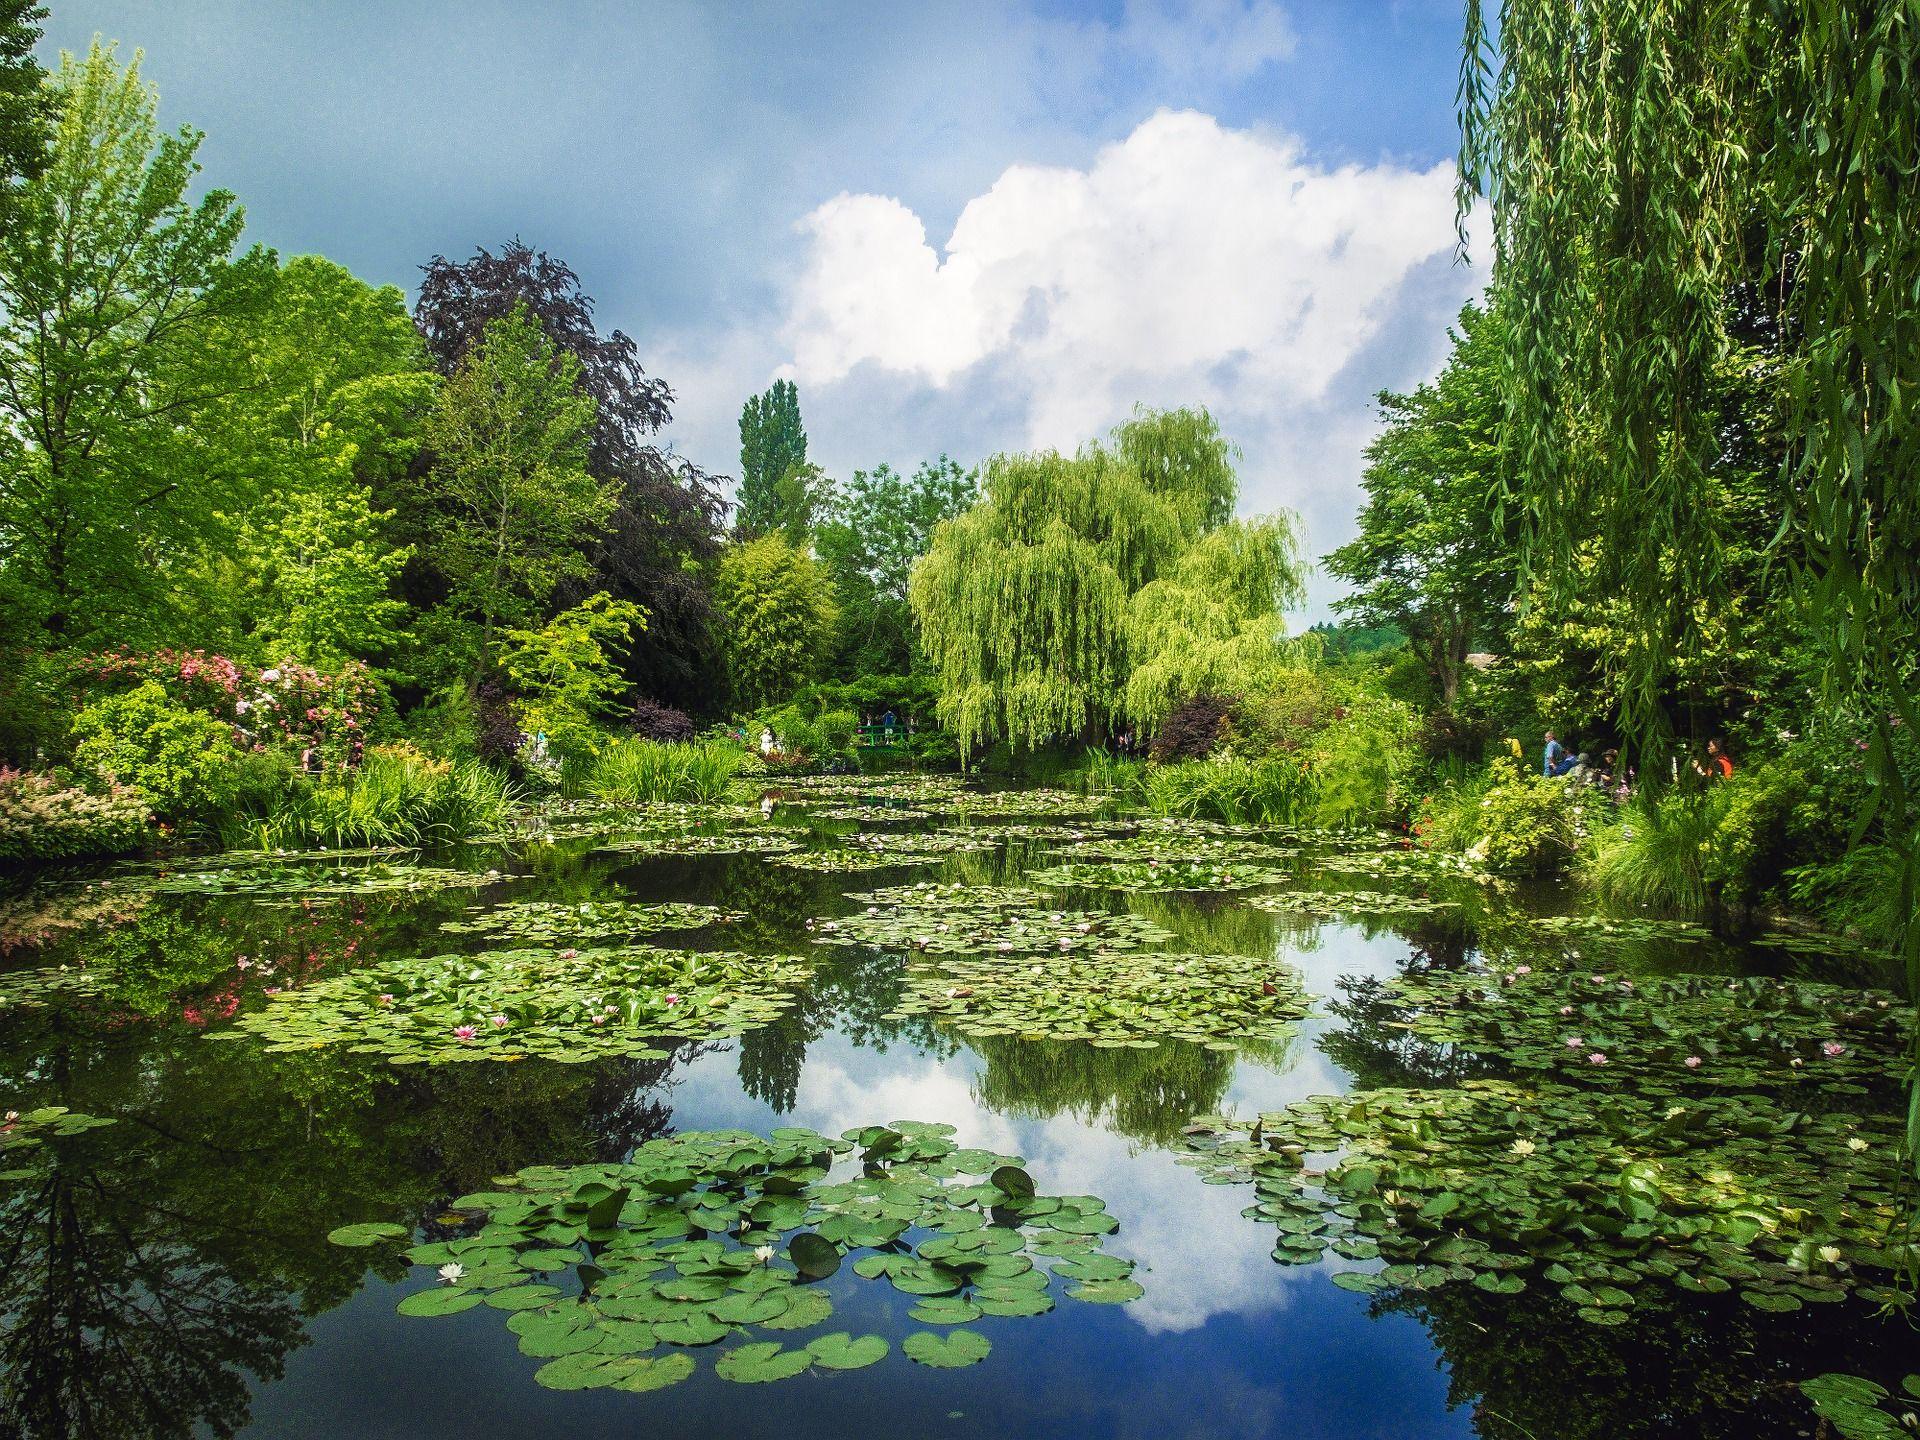 Visiter Giverny en échange de maison